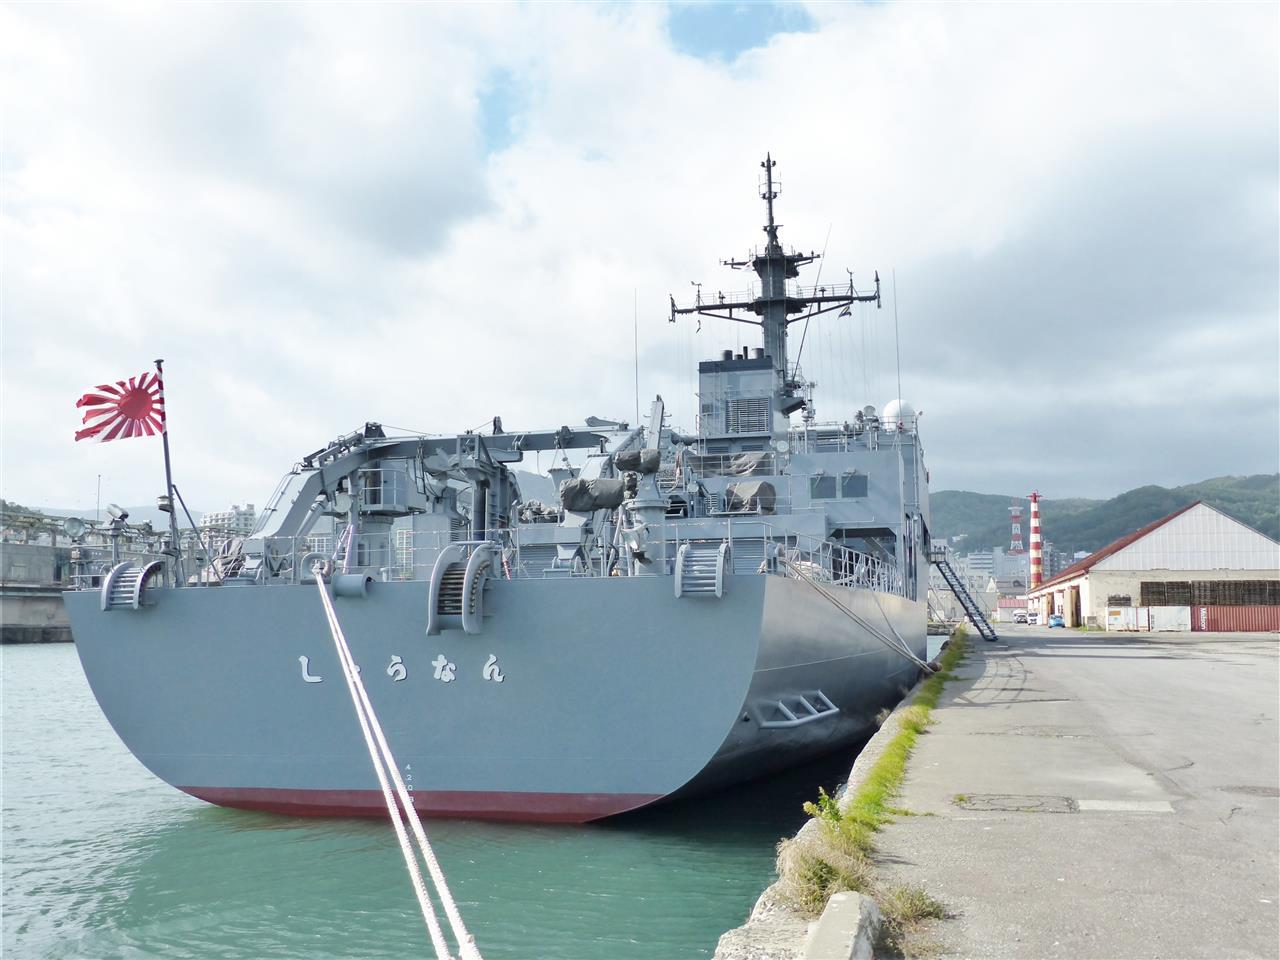 10月4日の塩分補給 海洋観測艦「しょうなん」寄港」gogo28@永遠の25 ...